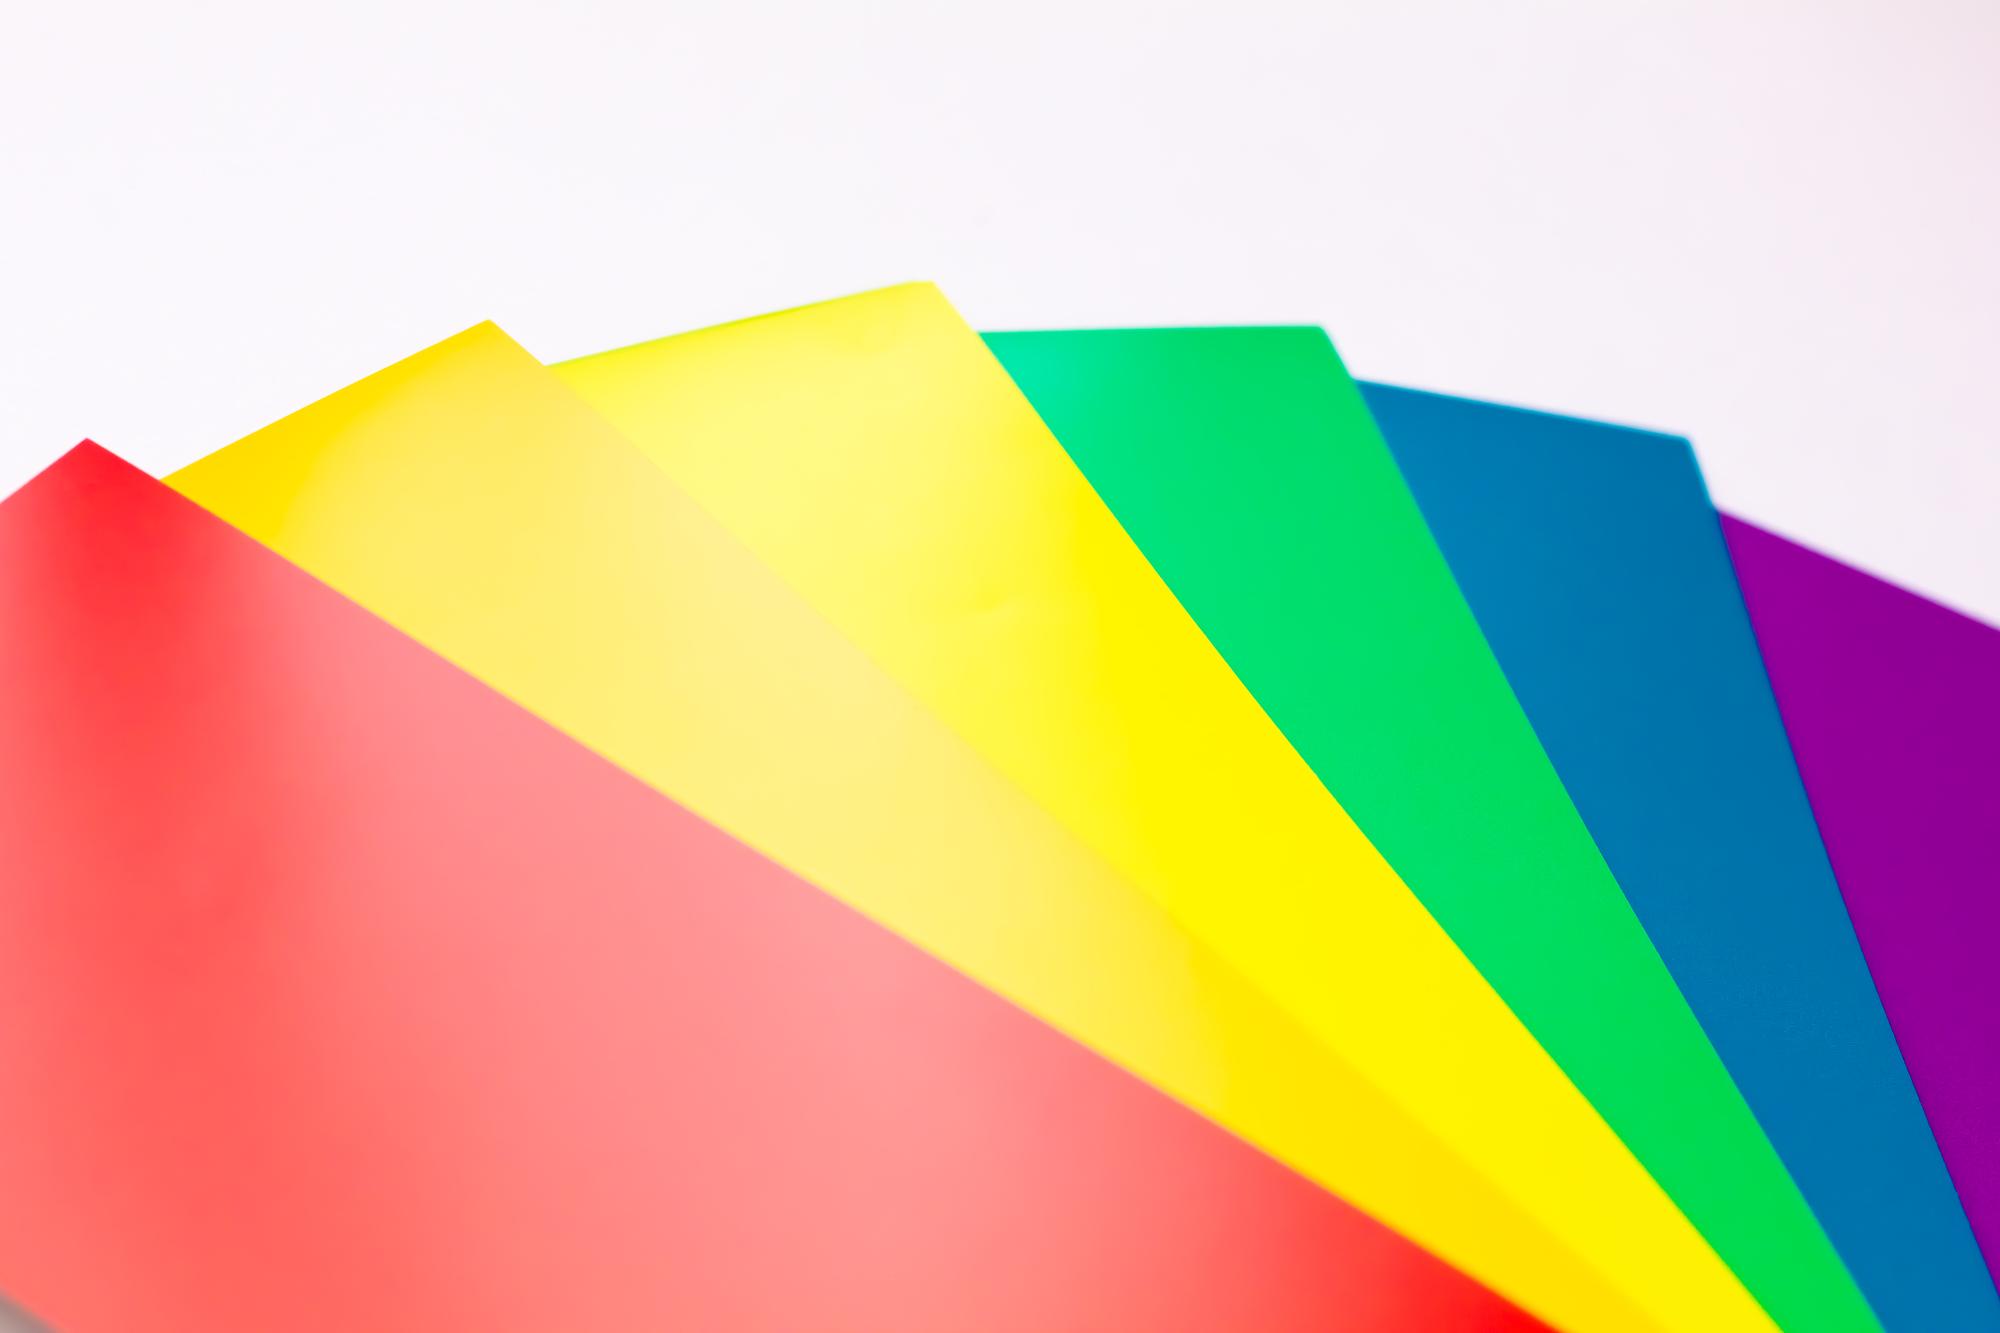 赤、黃、緑、青、紫のベースカラー